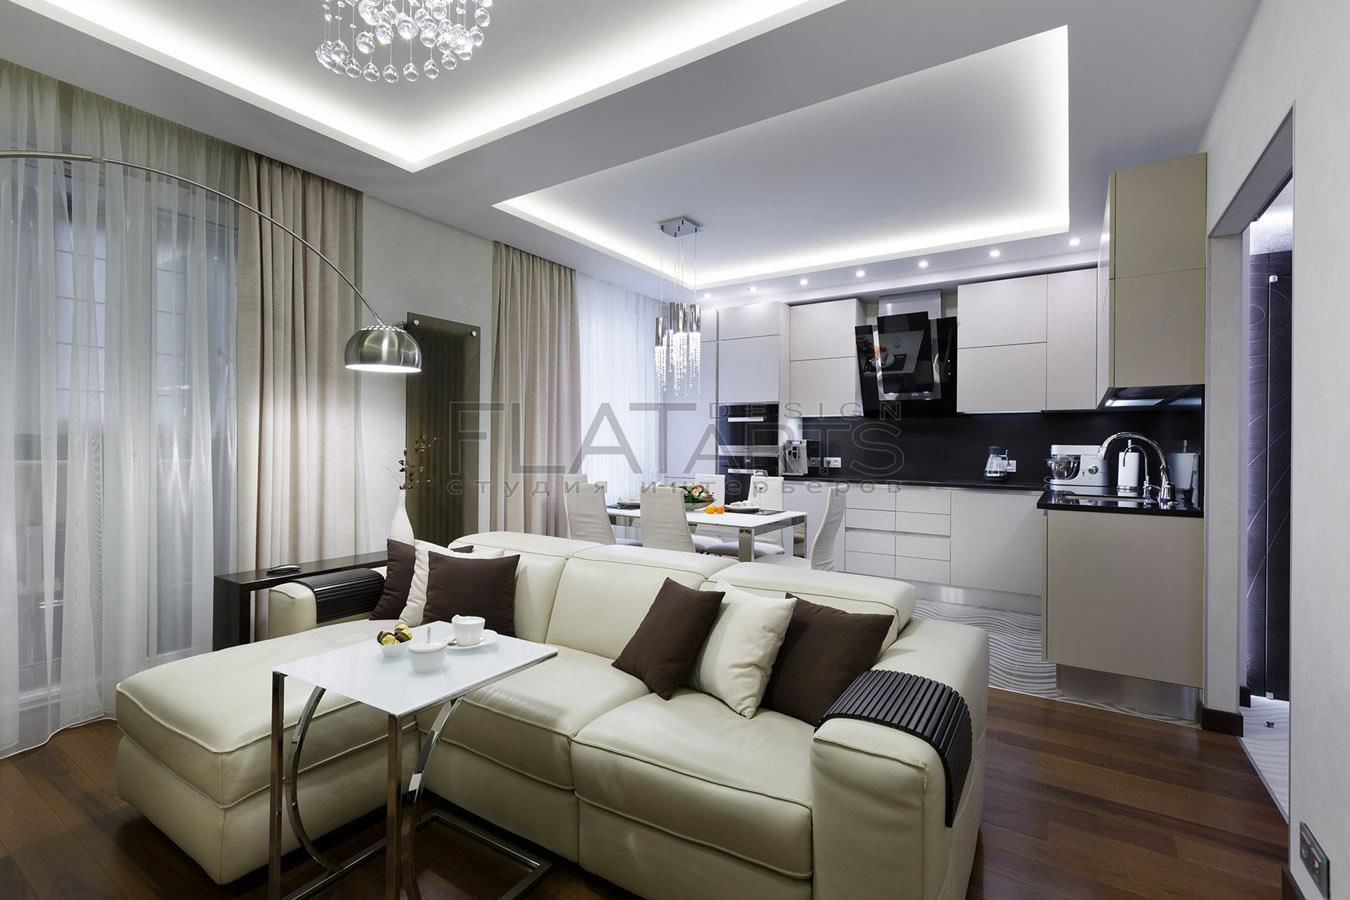 кухня совмещенная с гостиной 25 кв м дизайн фото